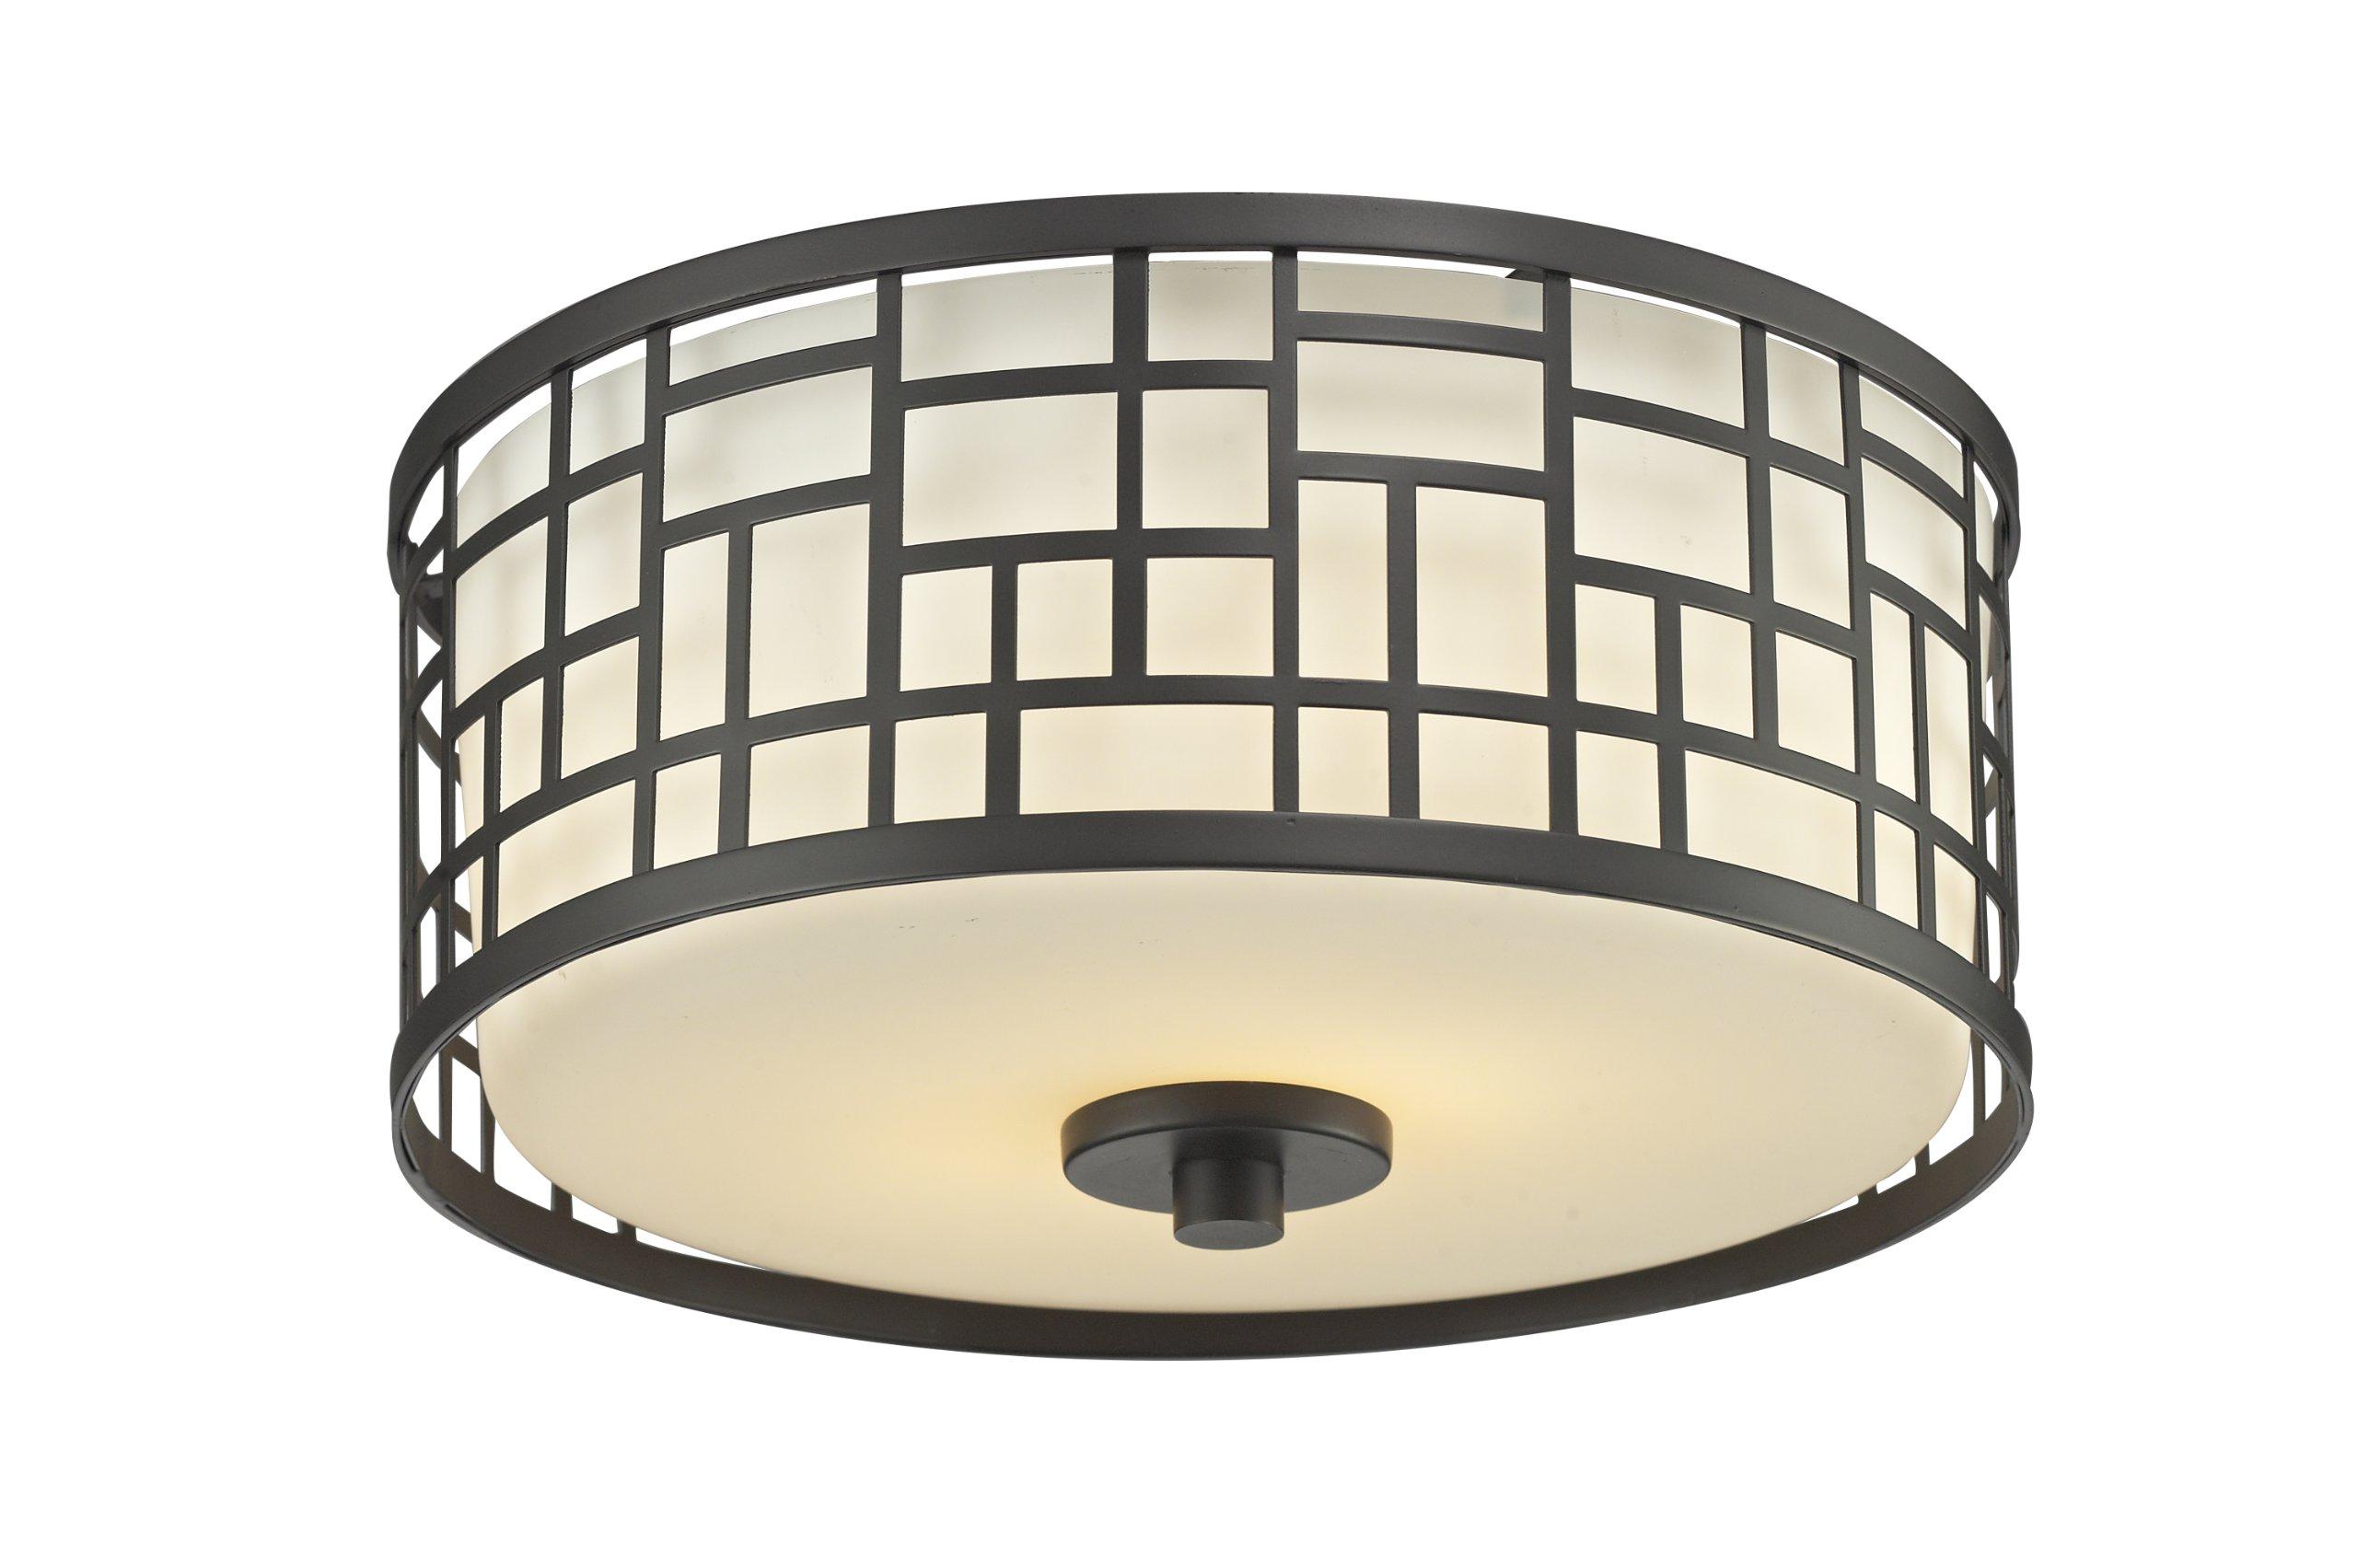 Z-Lite 329F12-BRZ 2-Light Flush Mount Light with Steel Material, Matte Opal